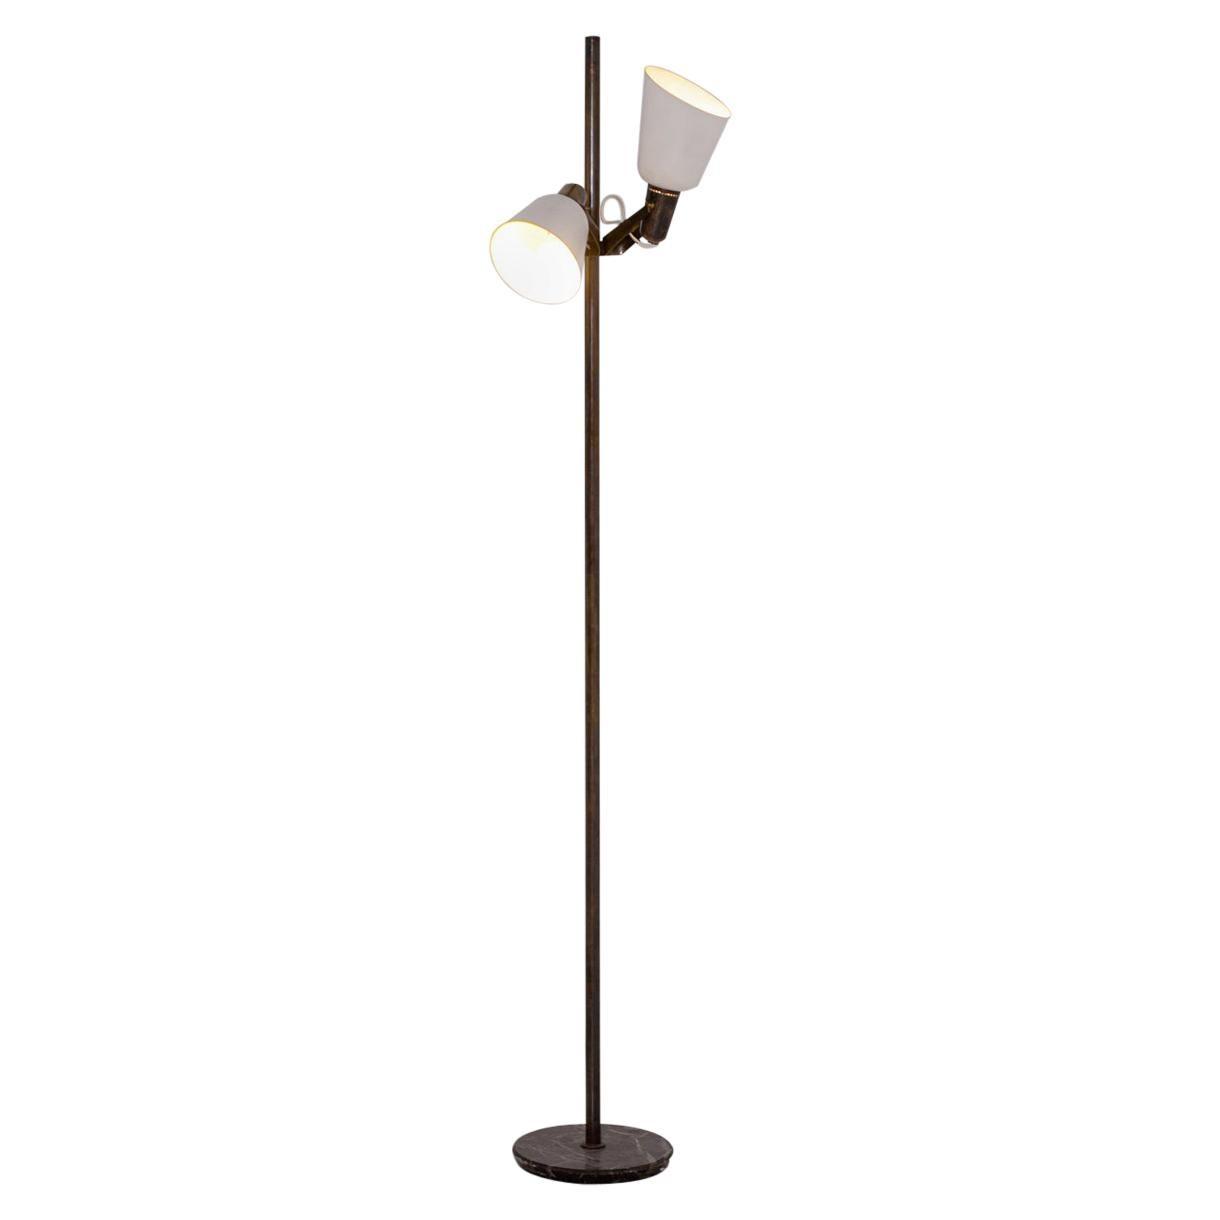 Rare Gino Sarfatti for Arteluce Italian Floor Lamps